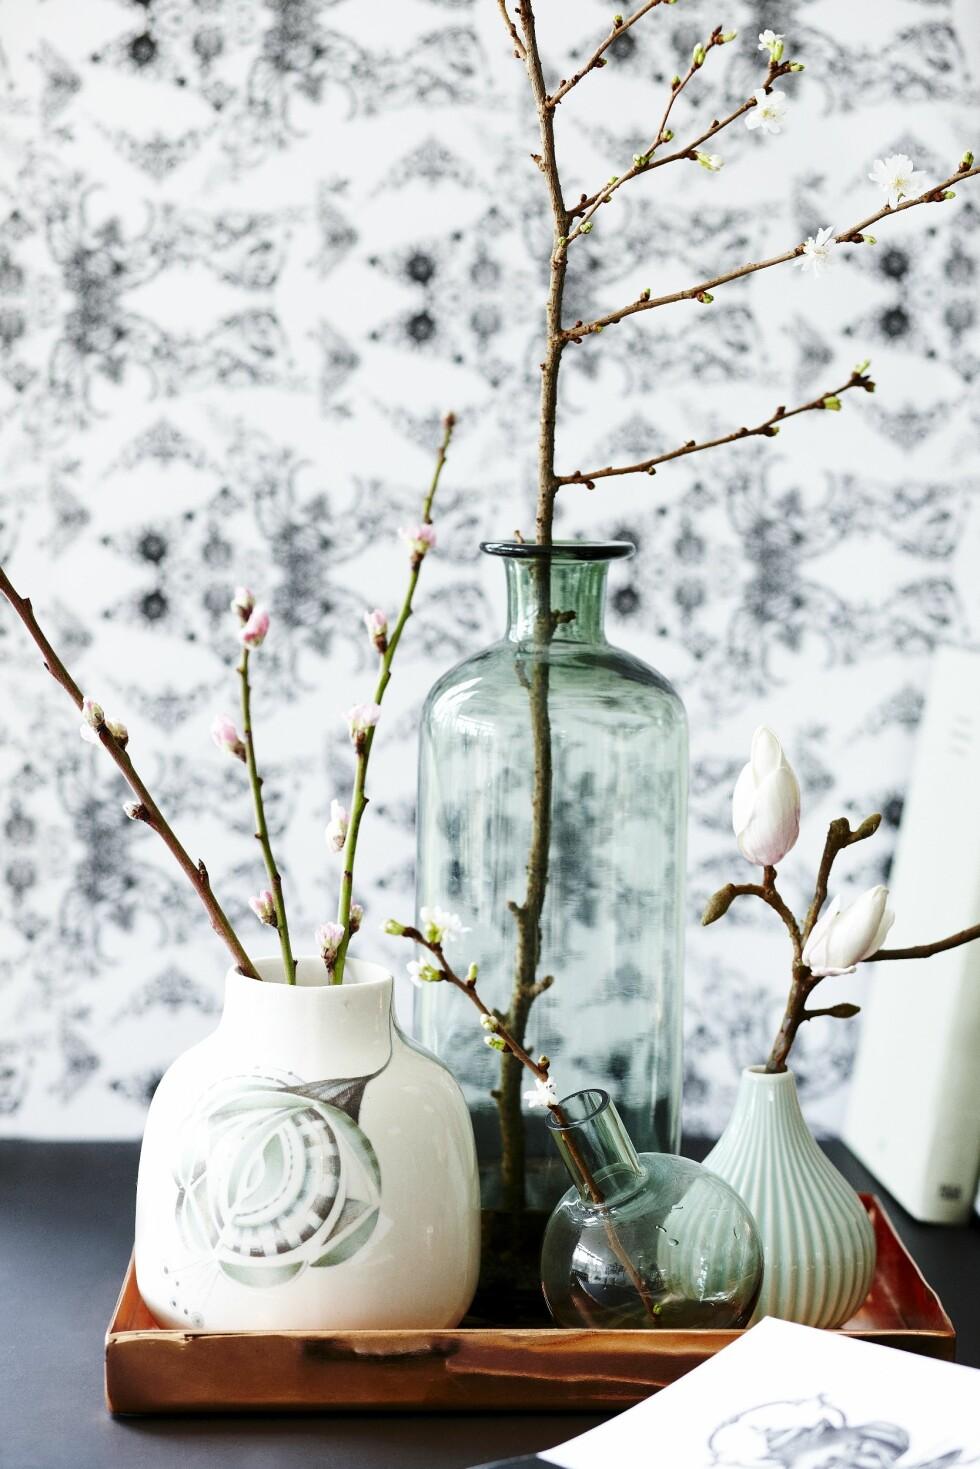 Tips: Sett forskjellige vaser med kvister på et brett og lag en vakkert vårlig utstilling. Da kan du også flytte rundt på brettet, alt etter hvor du trenger en ekstra vårlig touch.  Foto: Mette Wotkjær